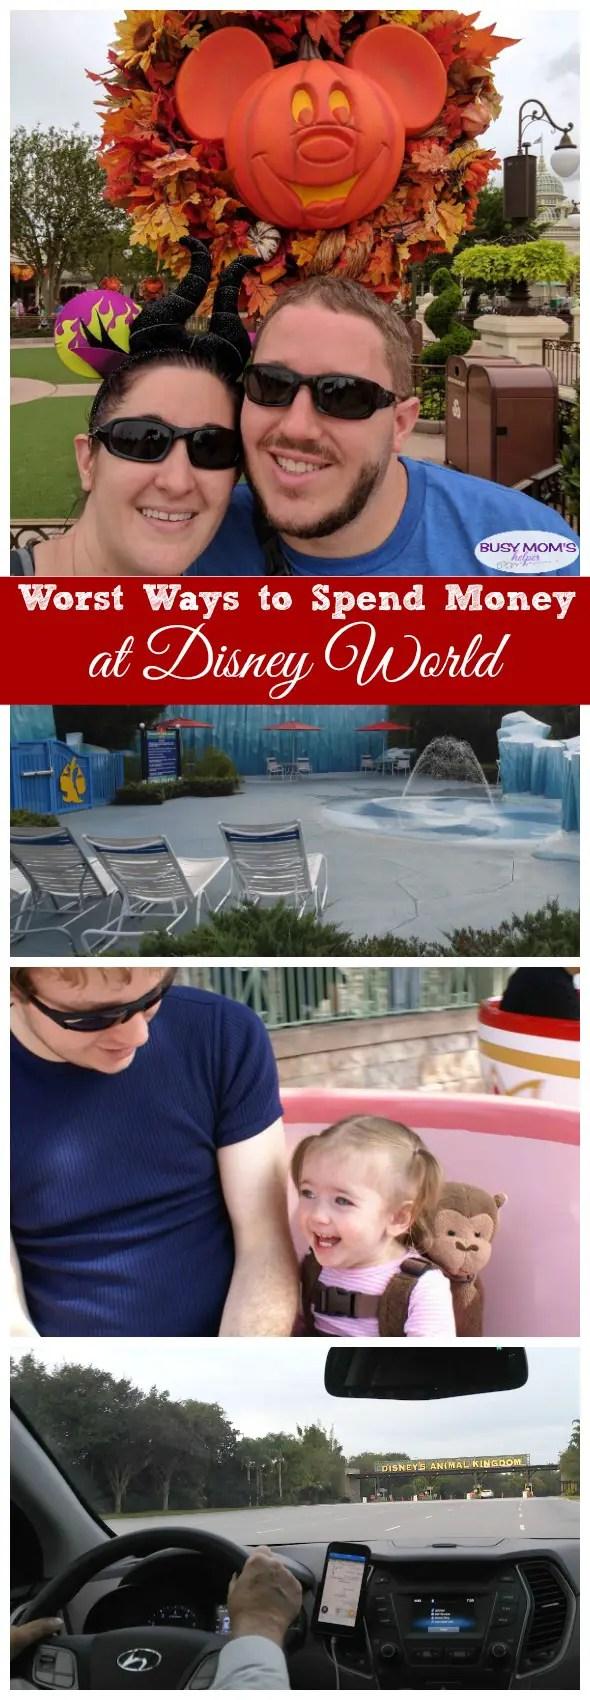 Worst Ways to Spend Money at Disney World #waltdisneyworld #wdw #travel #familytravel #disney #disneyparks